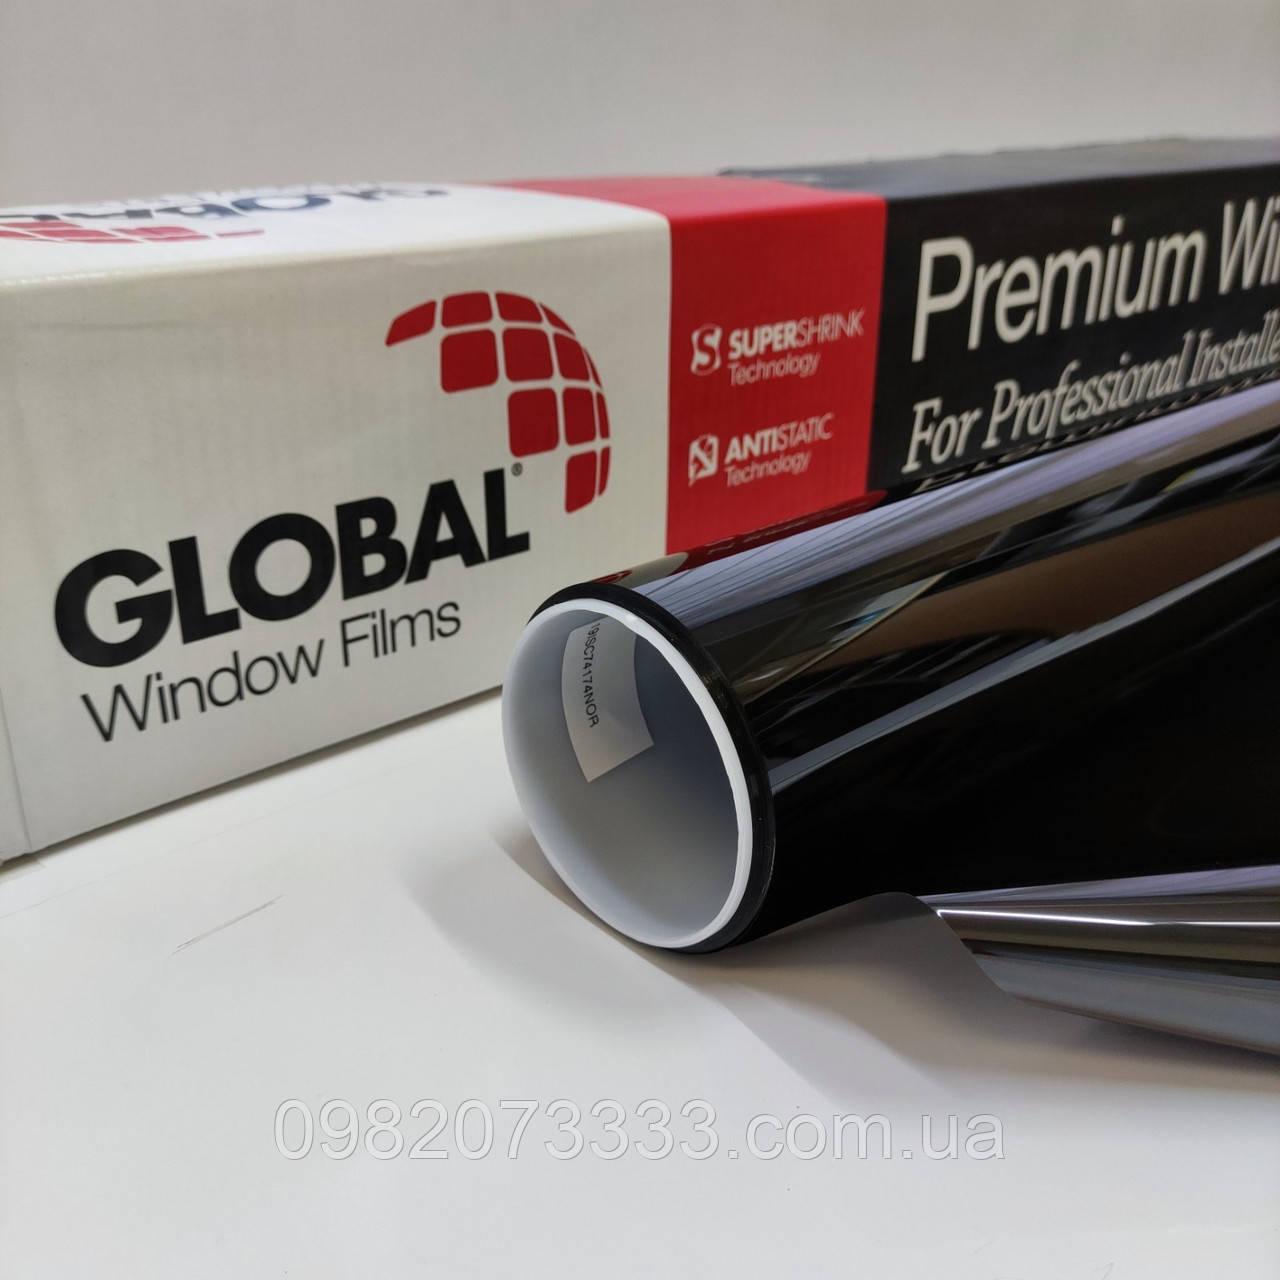 Тонувальна плівка HPI CH 10 ширина 1,524 (США) Global автомобільна. Тонування авто. Глобал (ціна за кв. м)